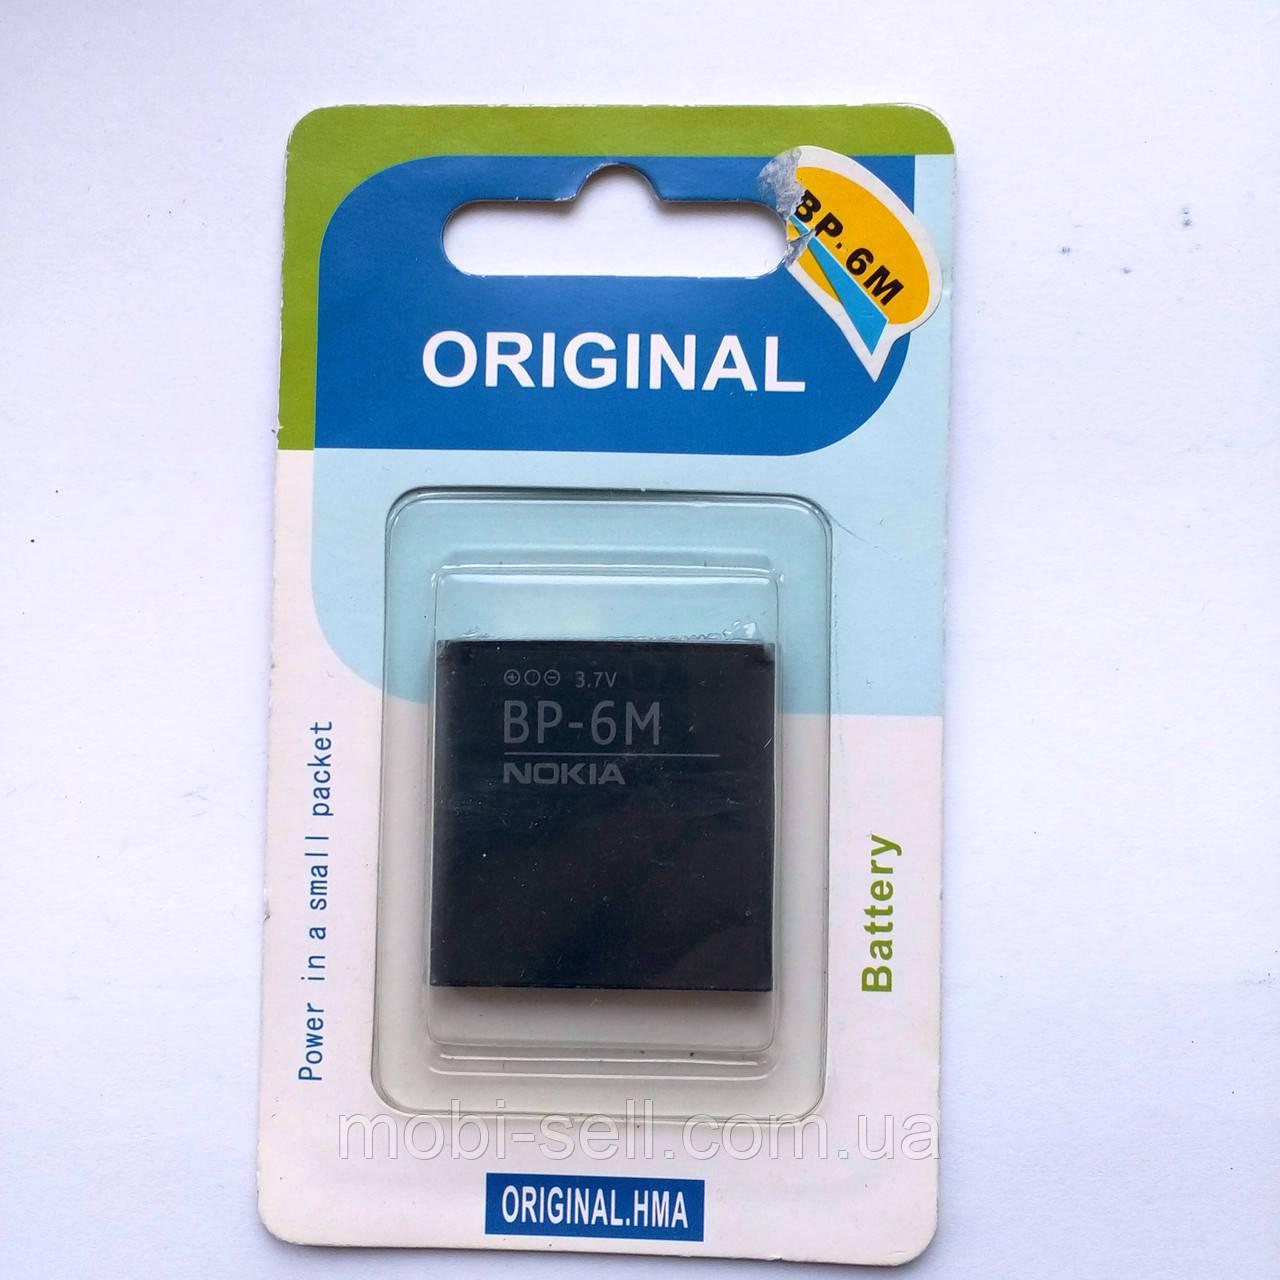 Nokia Bp 6m Original Battery For Nokia 3250 6280 6233 9300